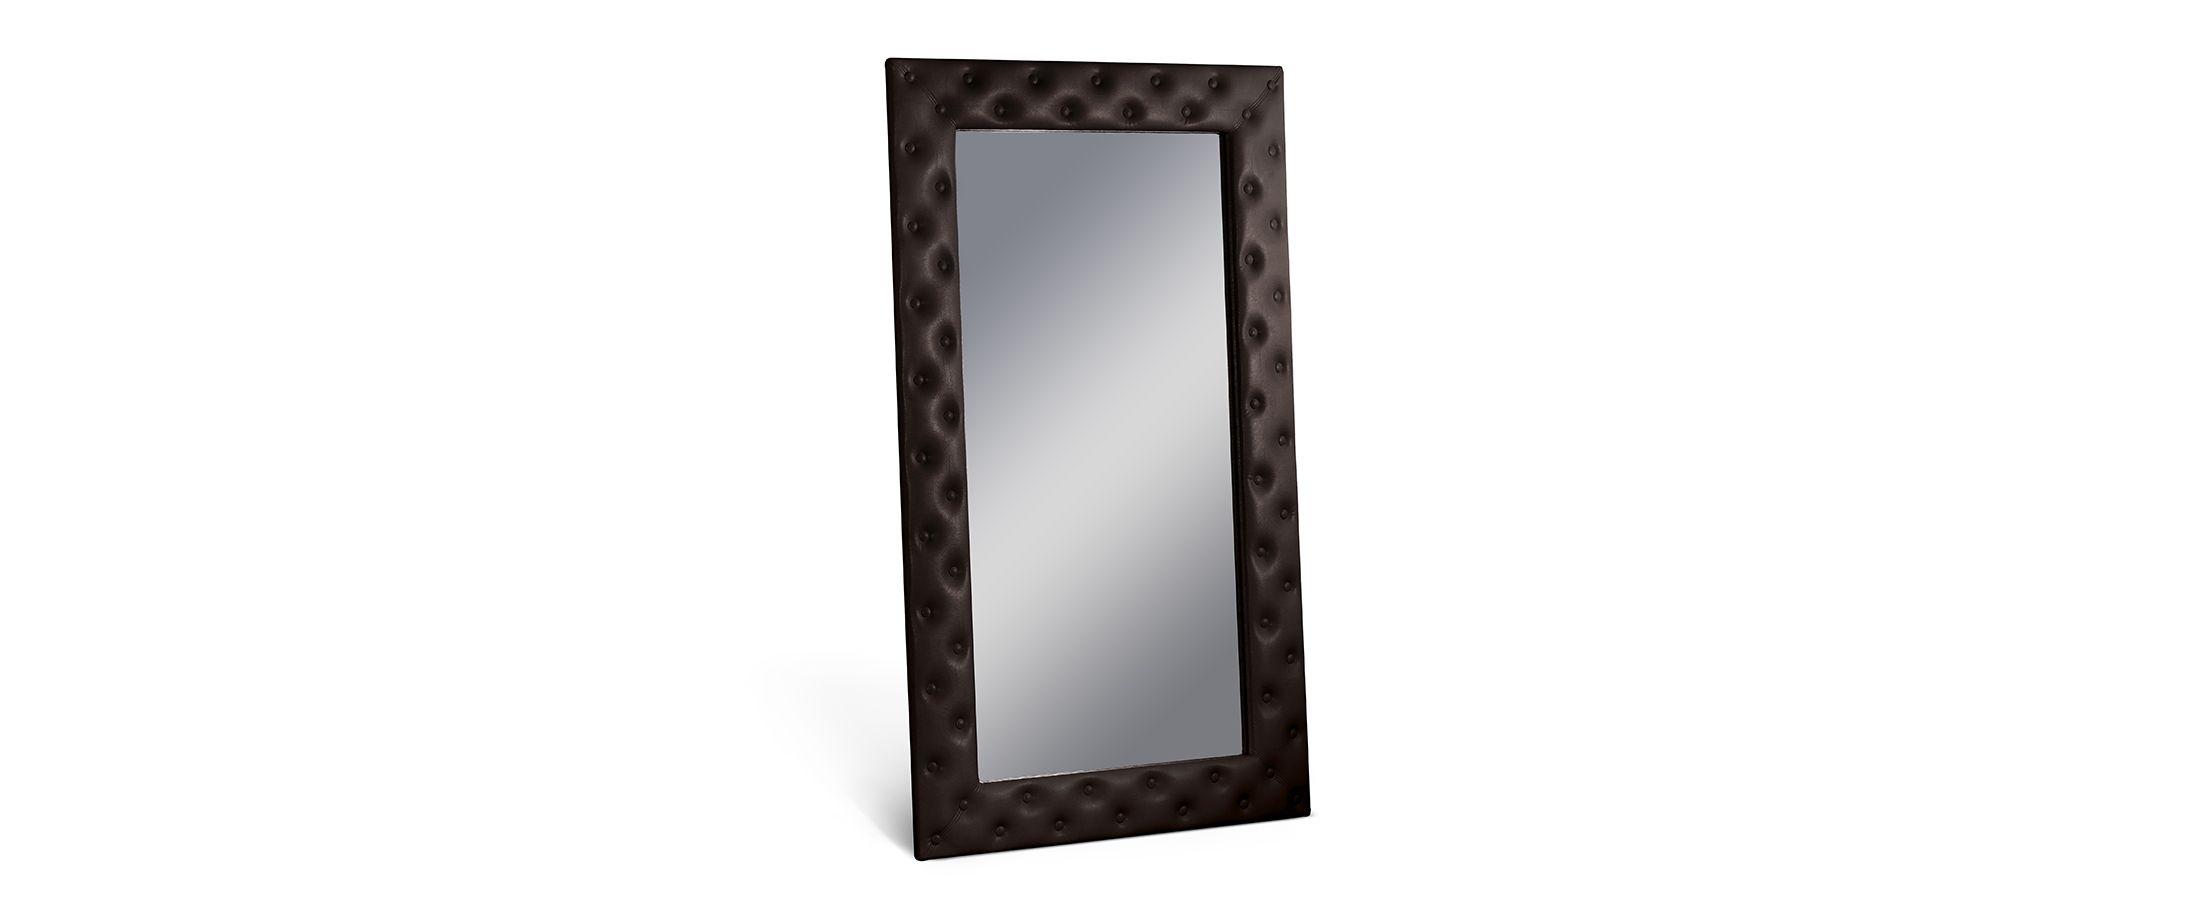 Зеркало Кааба большое с пуговицами пралинеЗеркало навесное в спальню. Обивка из экокожи с декоративными пуговицами. Артикул: К000547<br><br>Ширина см: 101<br>Глубина см: 4<br>Высота см: 171<br>Цвет: Пралине